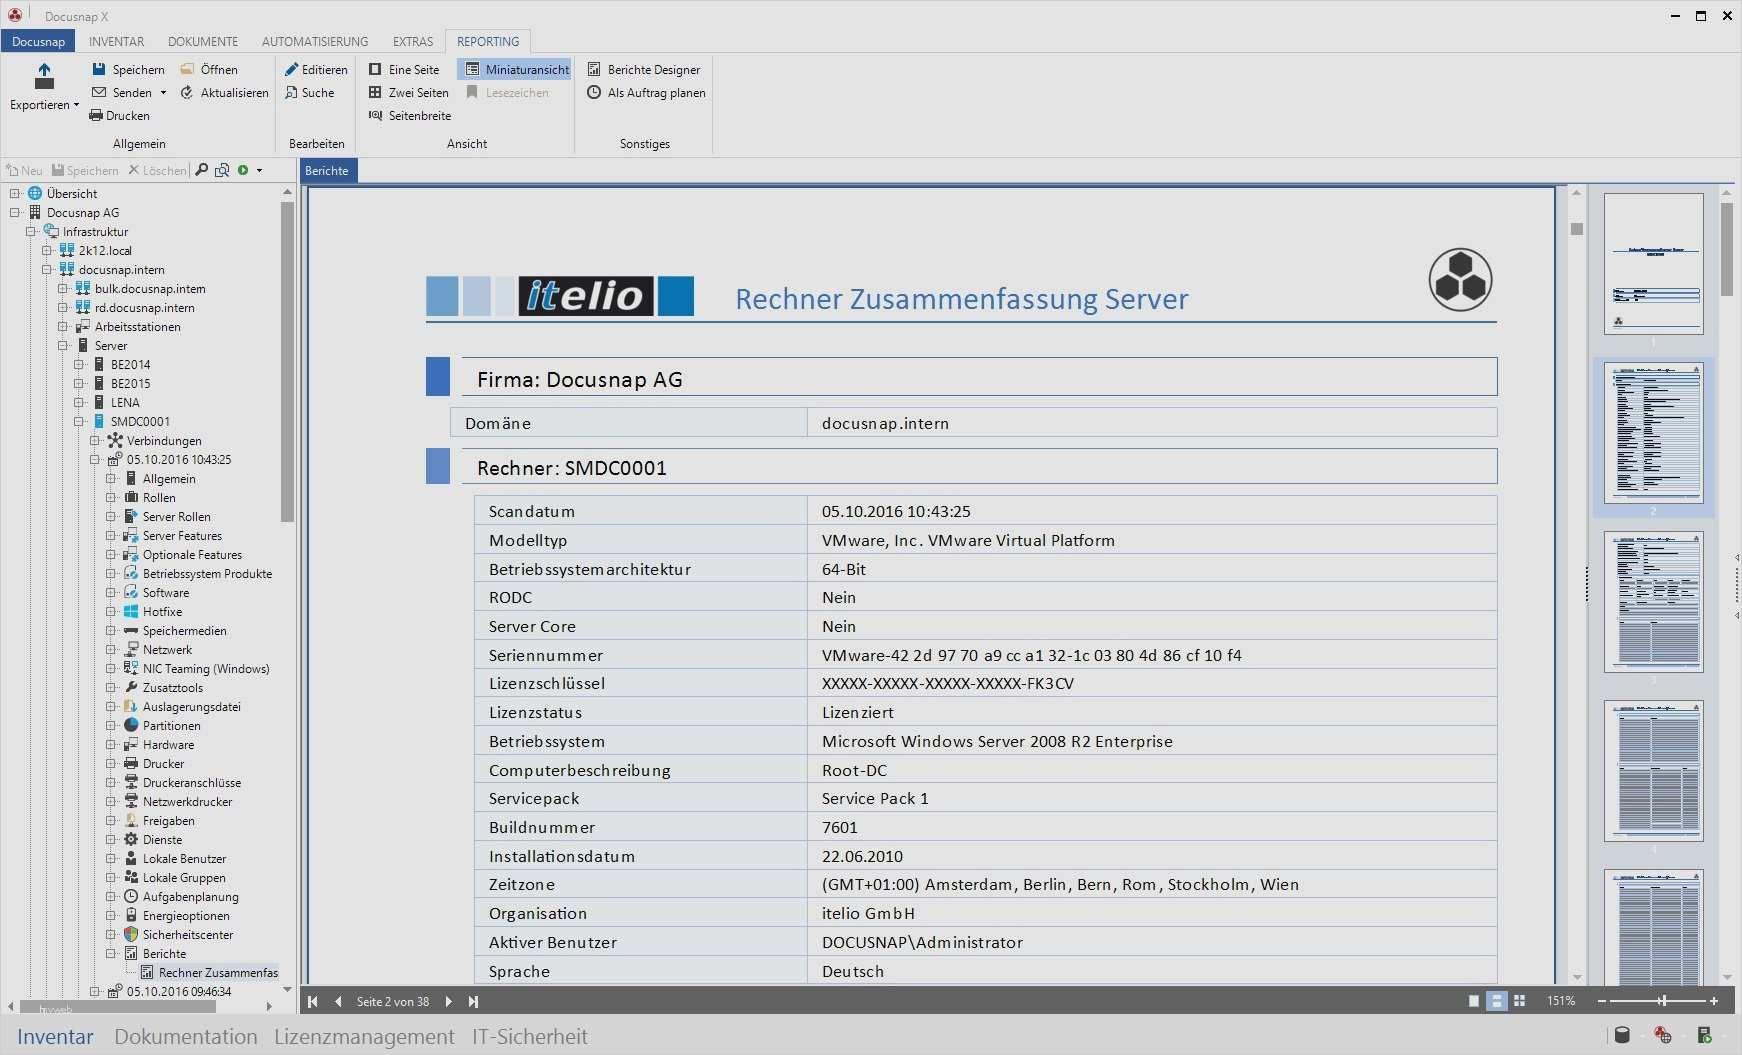 Suss Dokumentation Vorlage Word Solche Konnen Einstellen In Microsoft Word In 2020 Vorlagen Word Microsoft Word Kreative Lebenslaufvorlagen